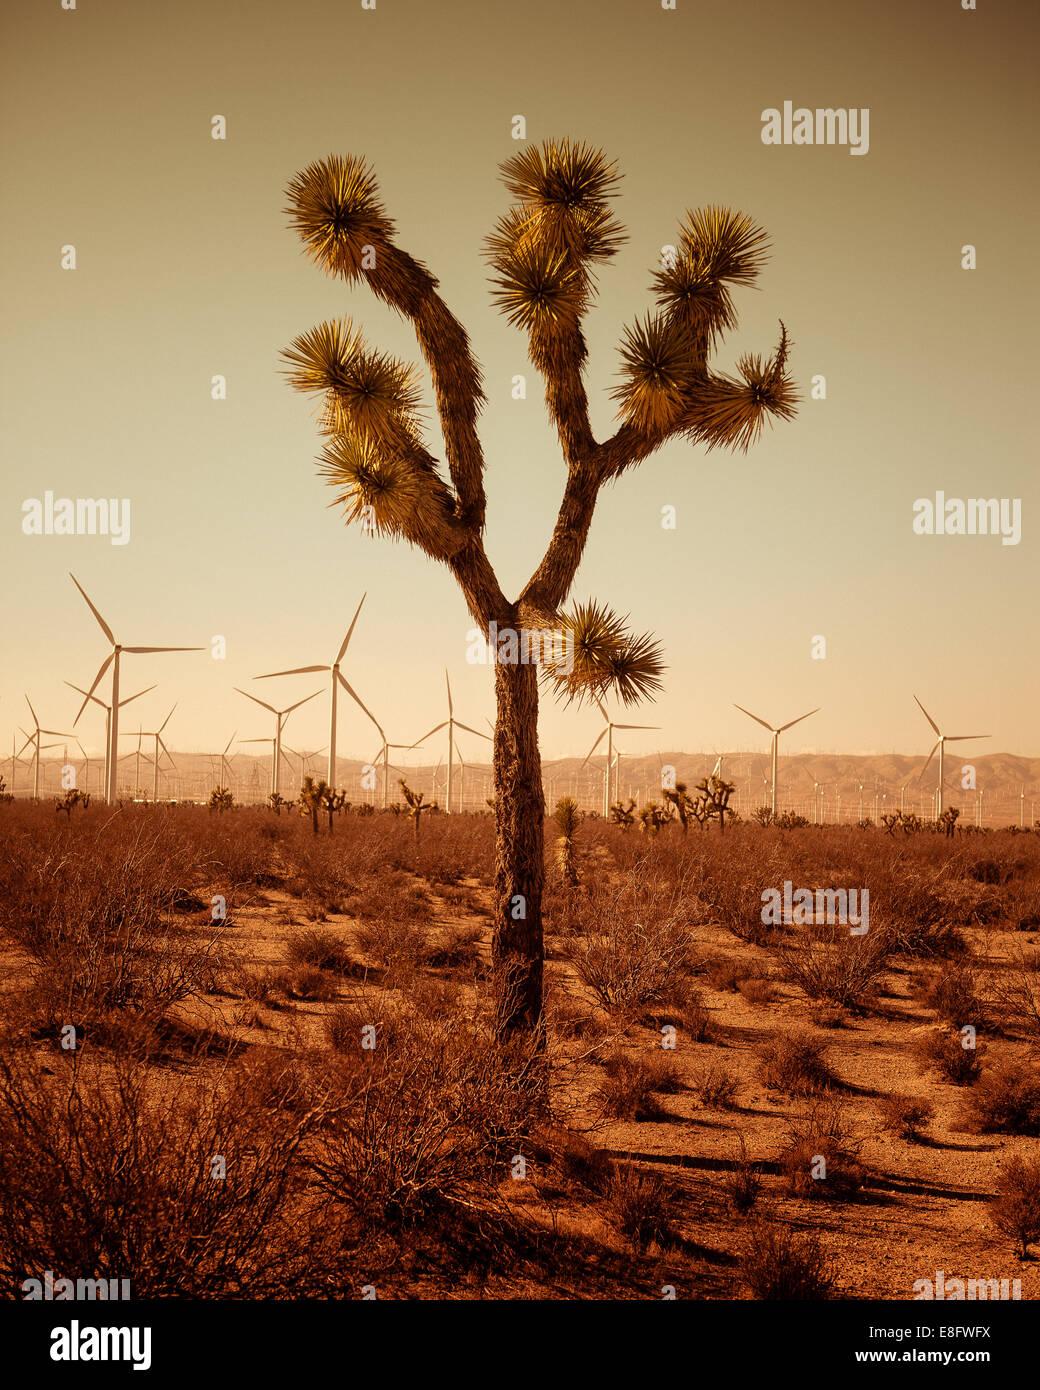 Einzigen Baum von Wüste, Windkraftanlagen im Hintergrund Stockbild